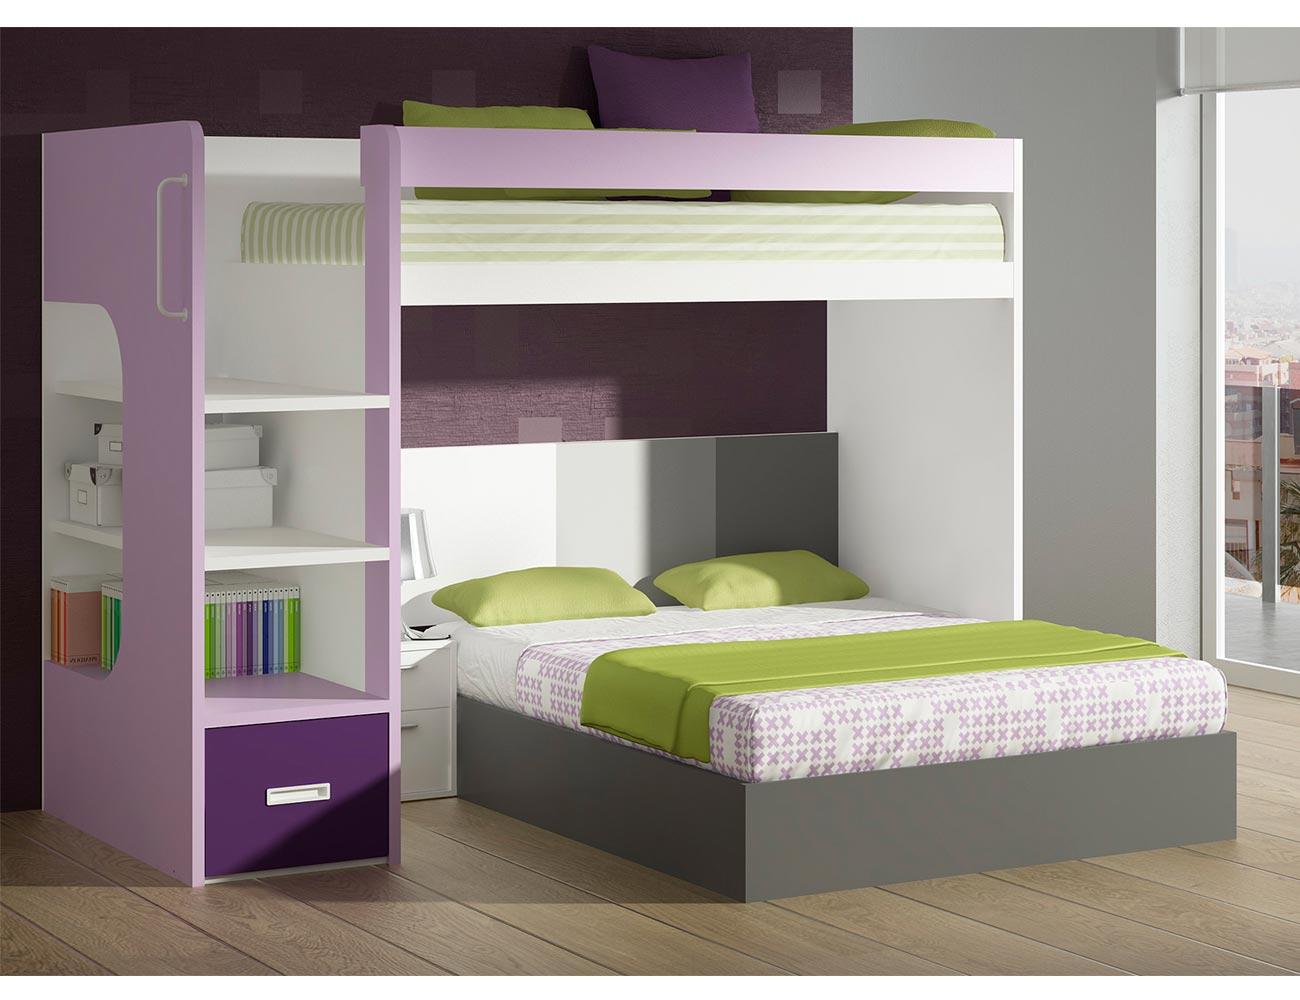 Dormitorio juvenil con litera y cama de matrimonio 13270 - Litera con cama de matrimonio ...